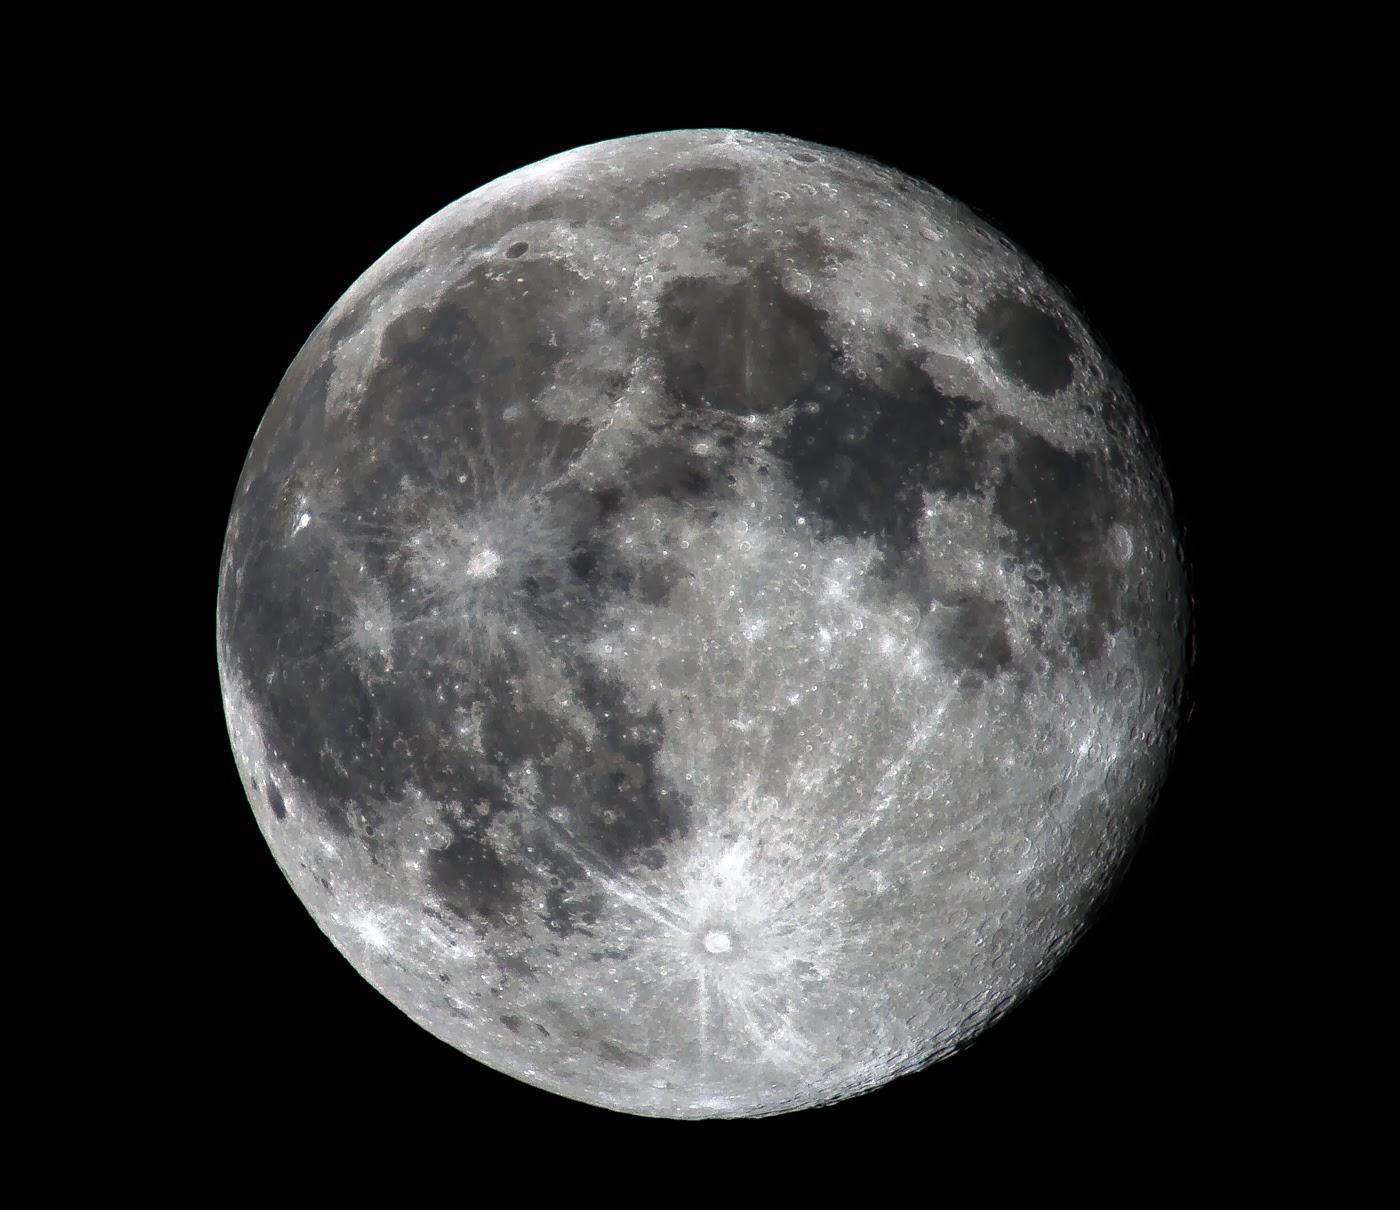 foto a fuoco come si fotografa la luna